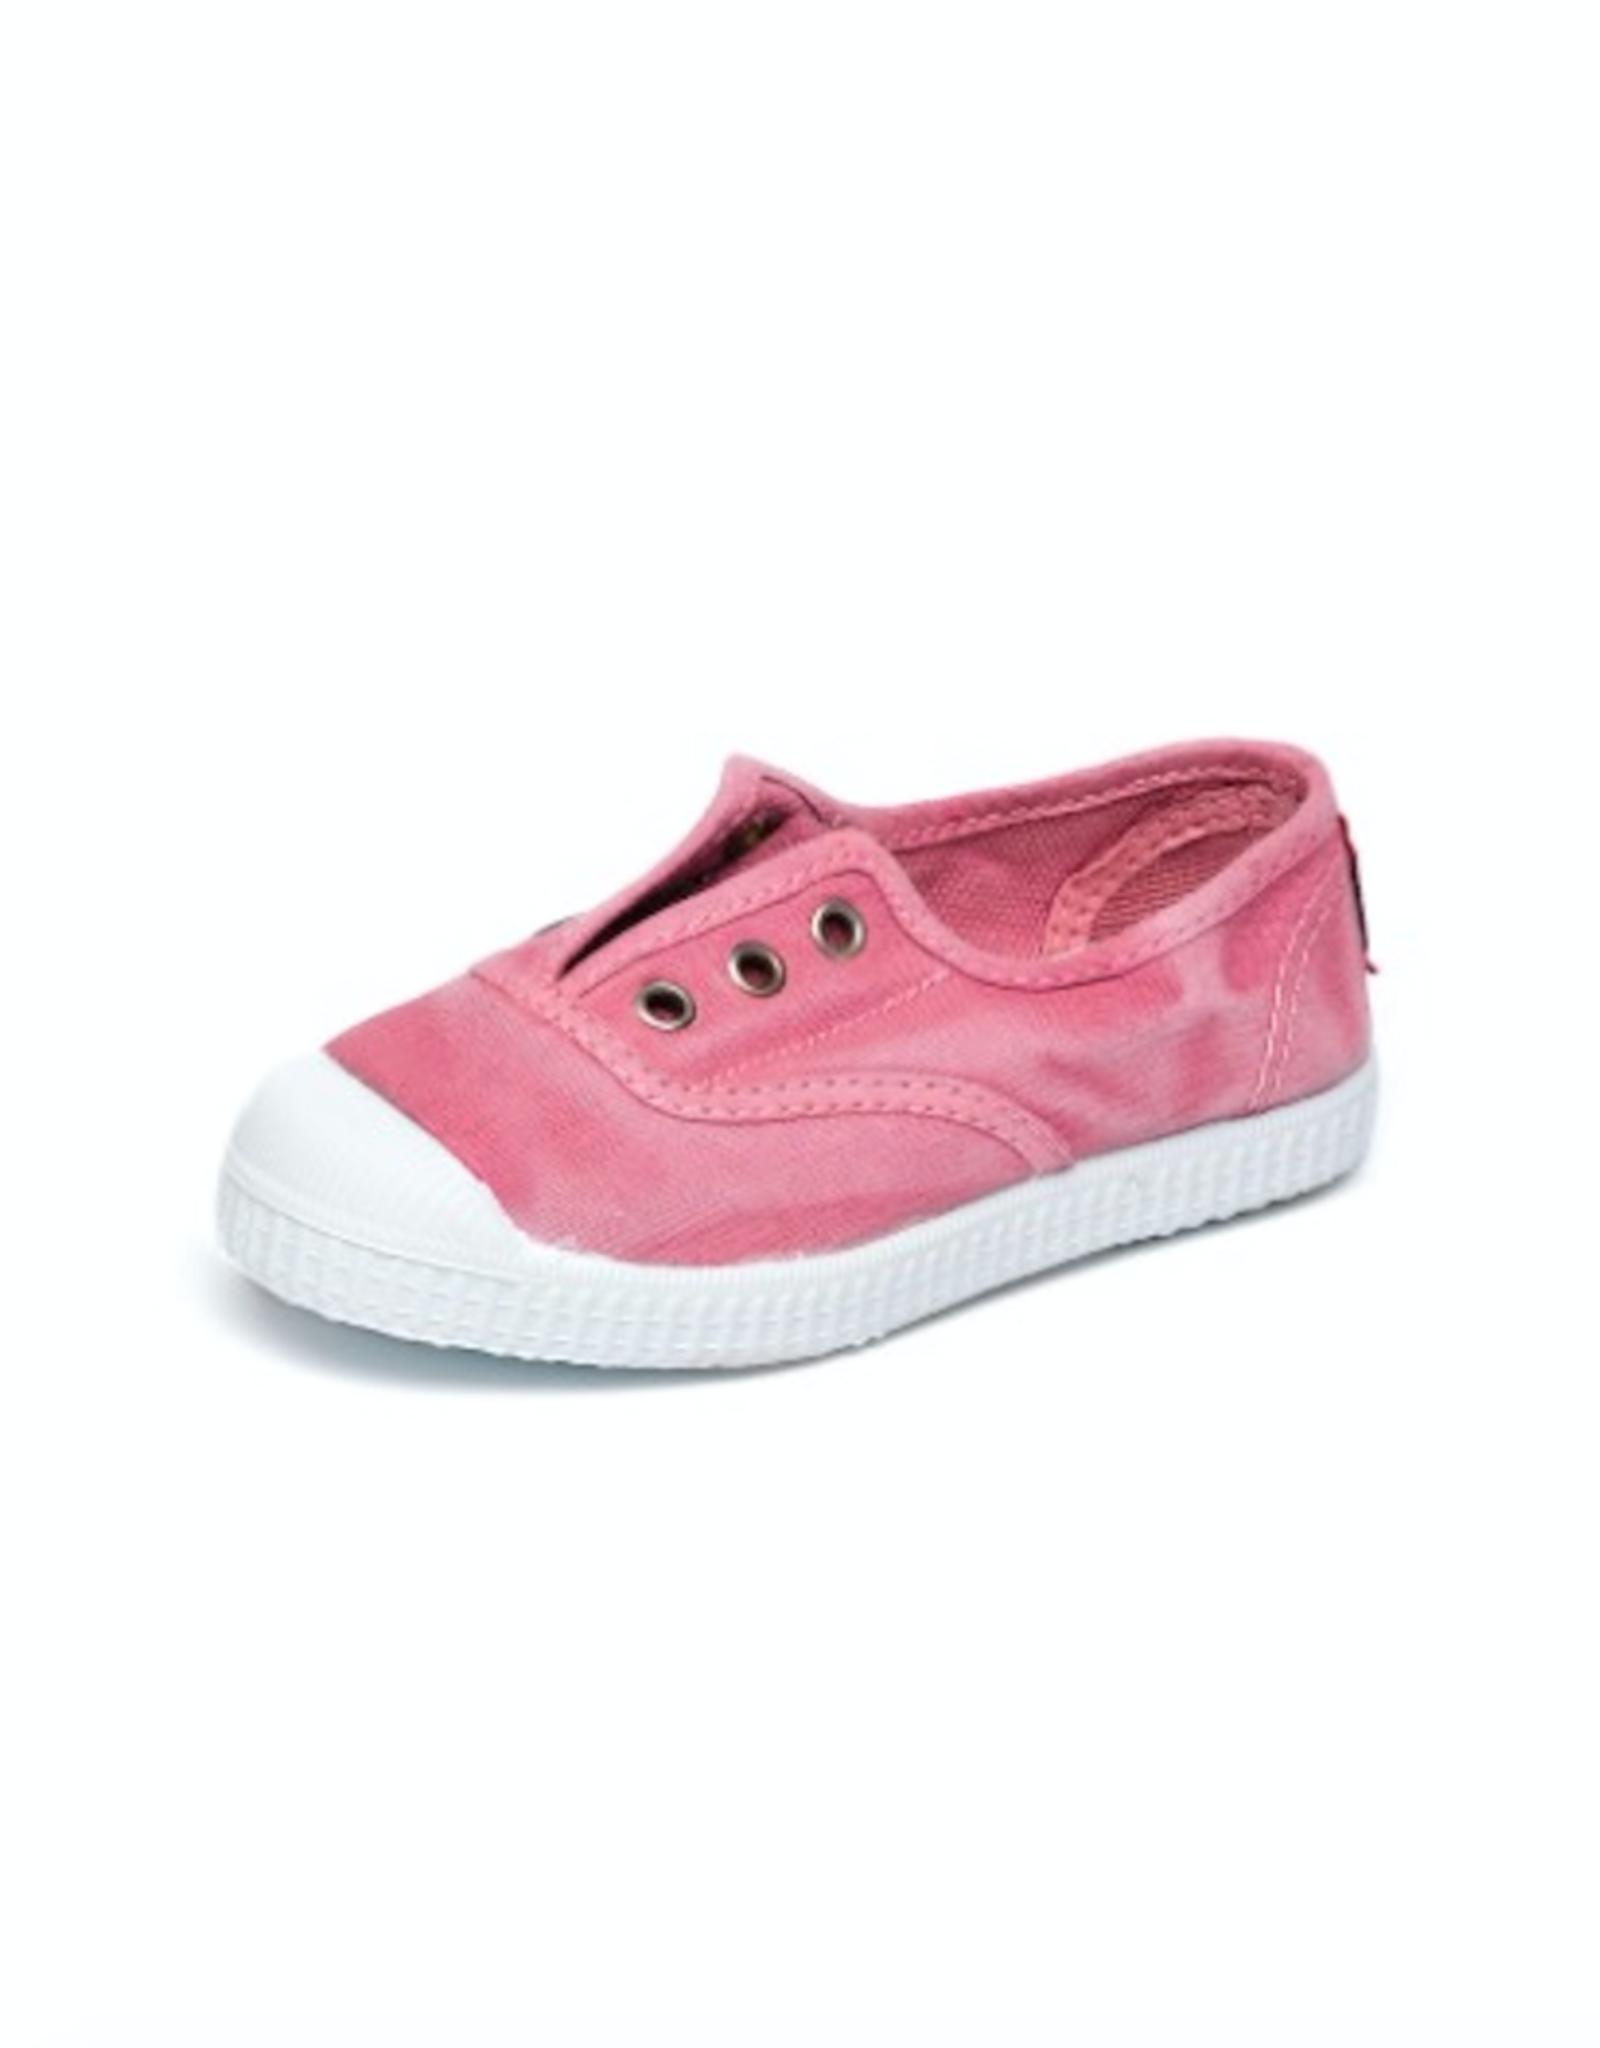 Calzados Cienta Shoes Zapatilla Ingles Tintado Enzimatico for Girl